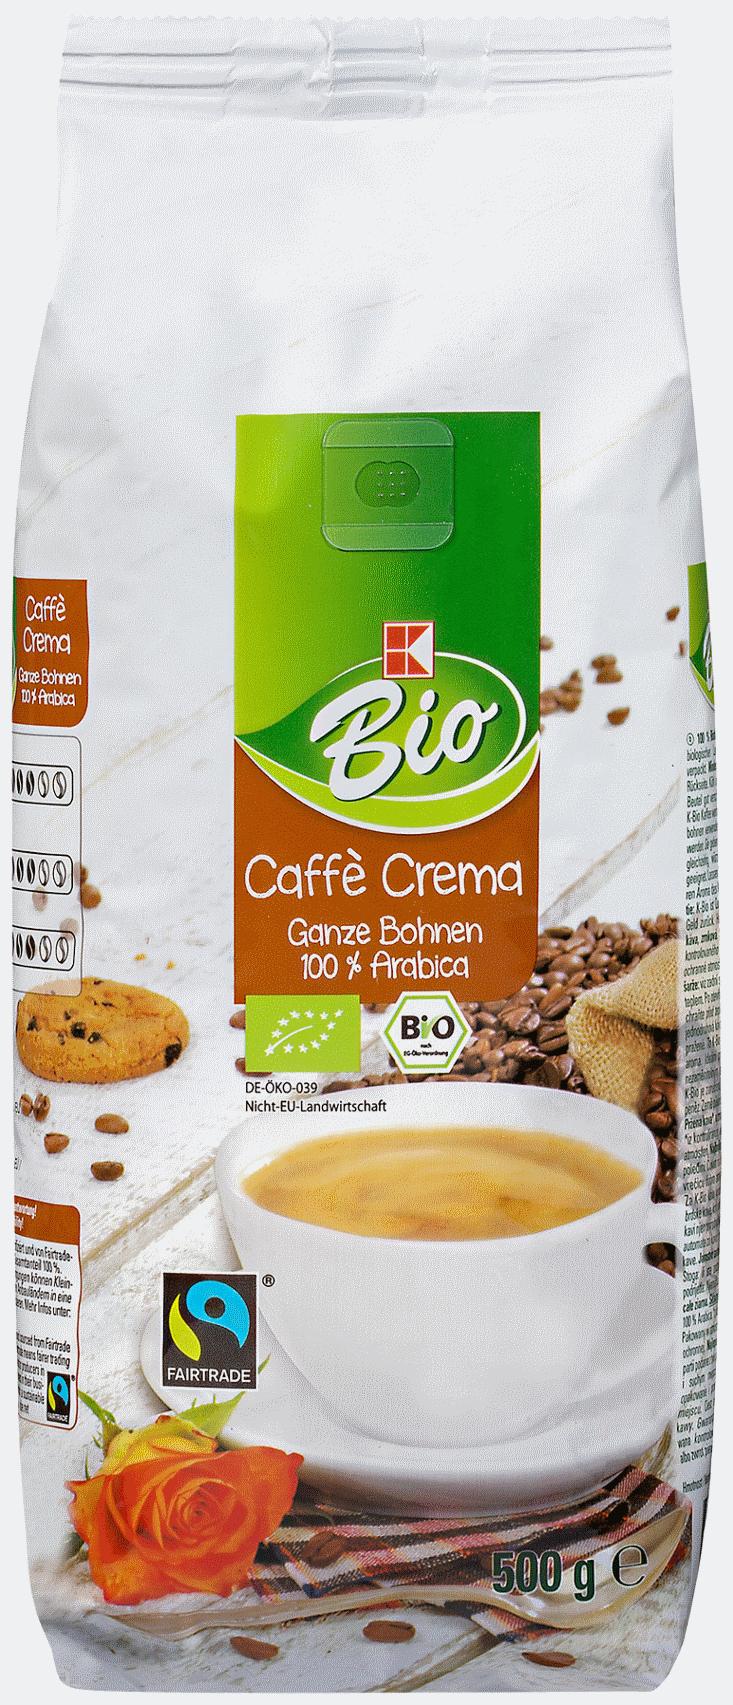 Caffè Crema ganze Bohne